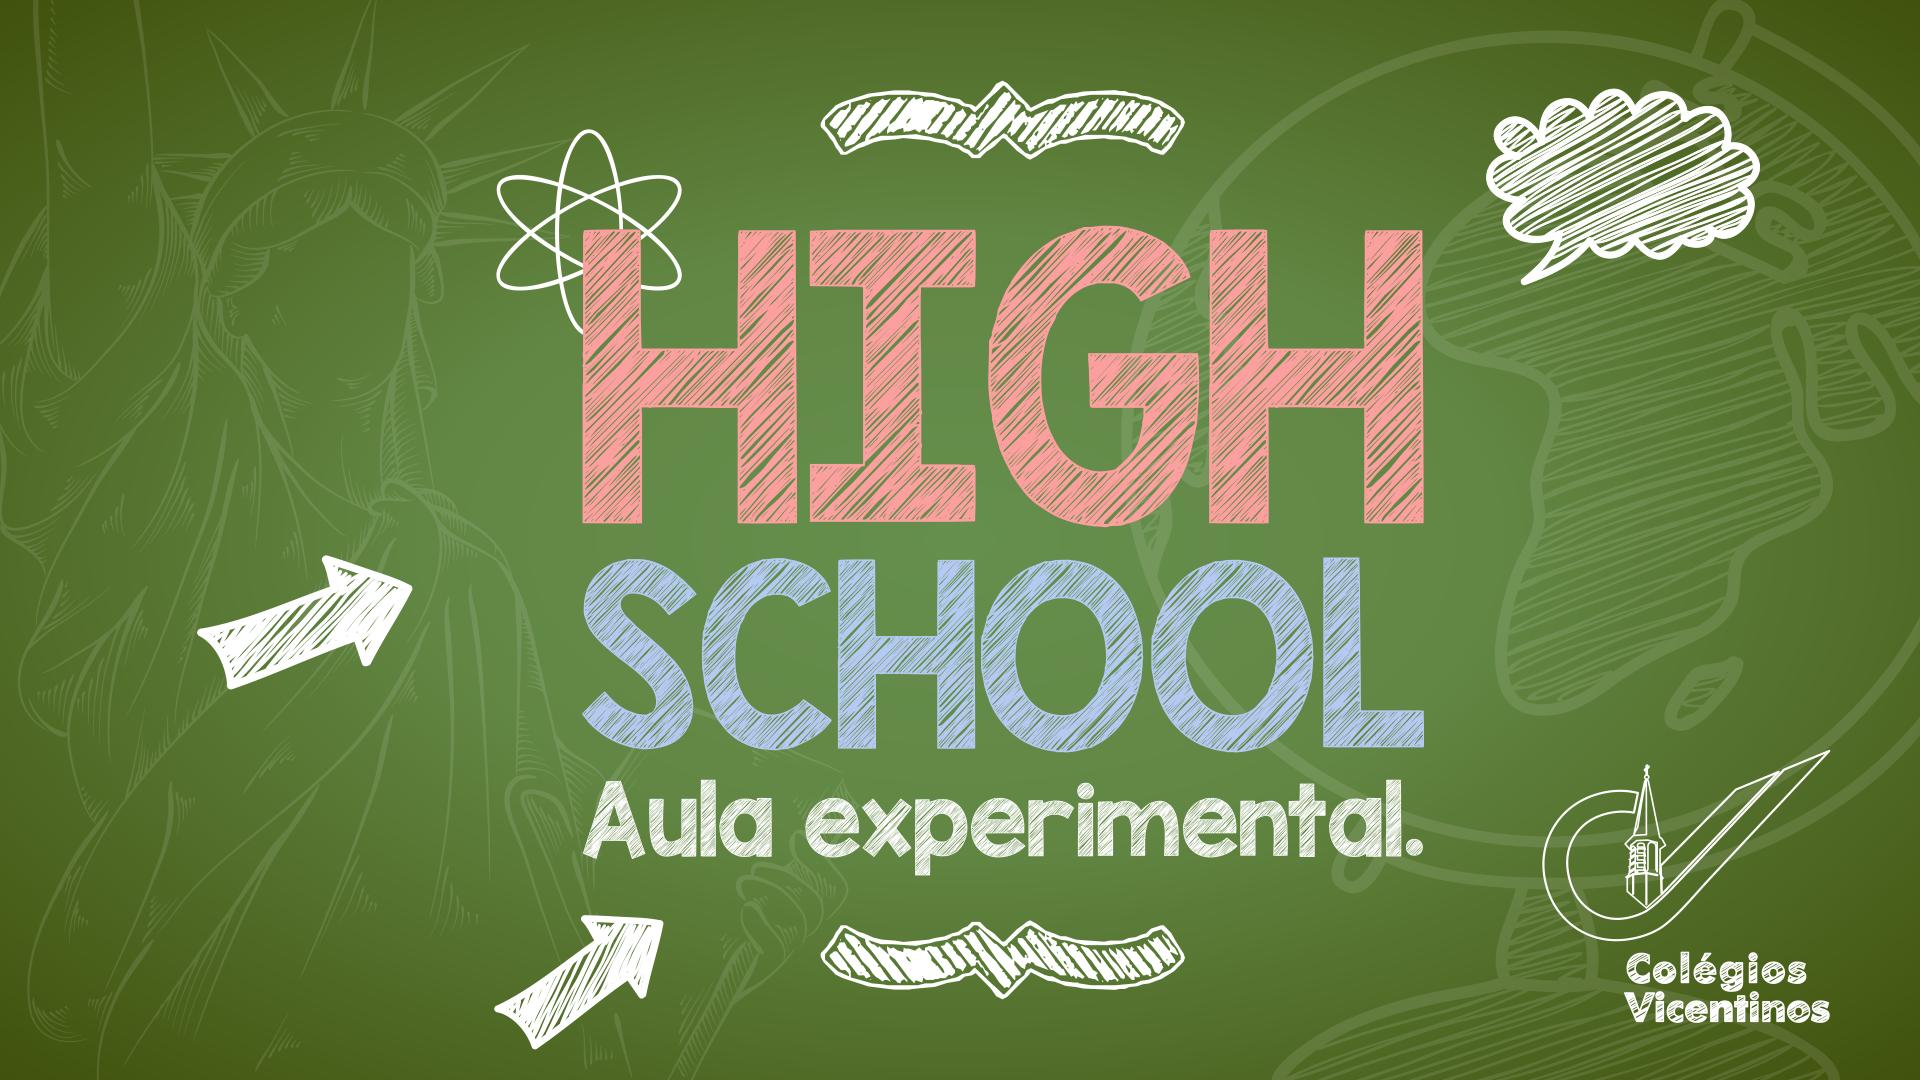 [High School - Aula experimental]